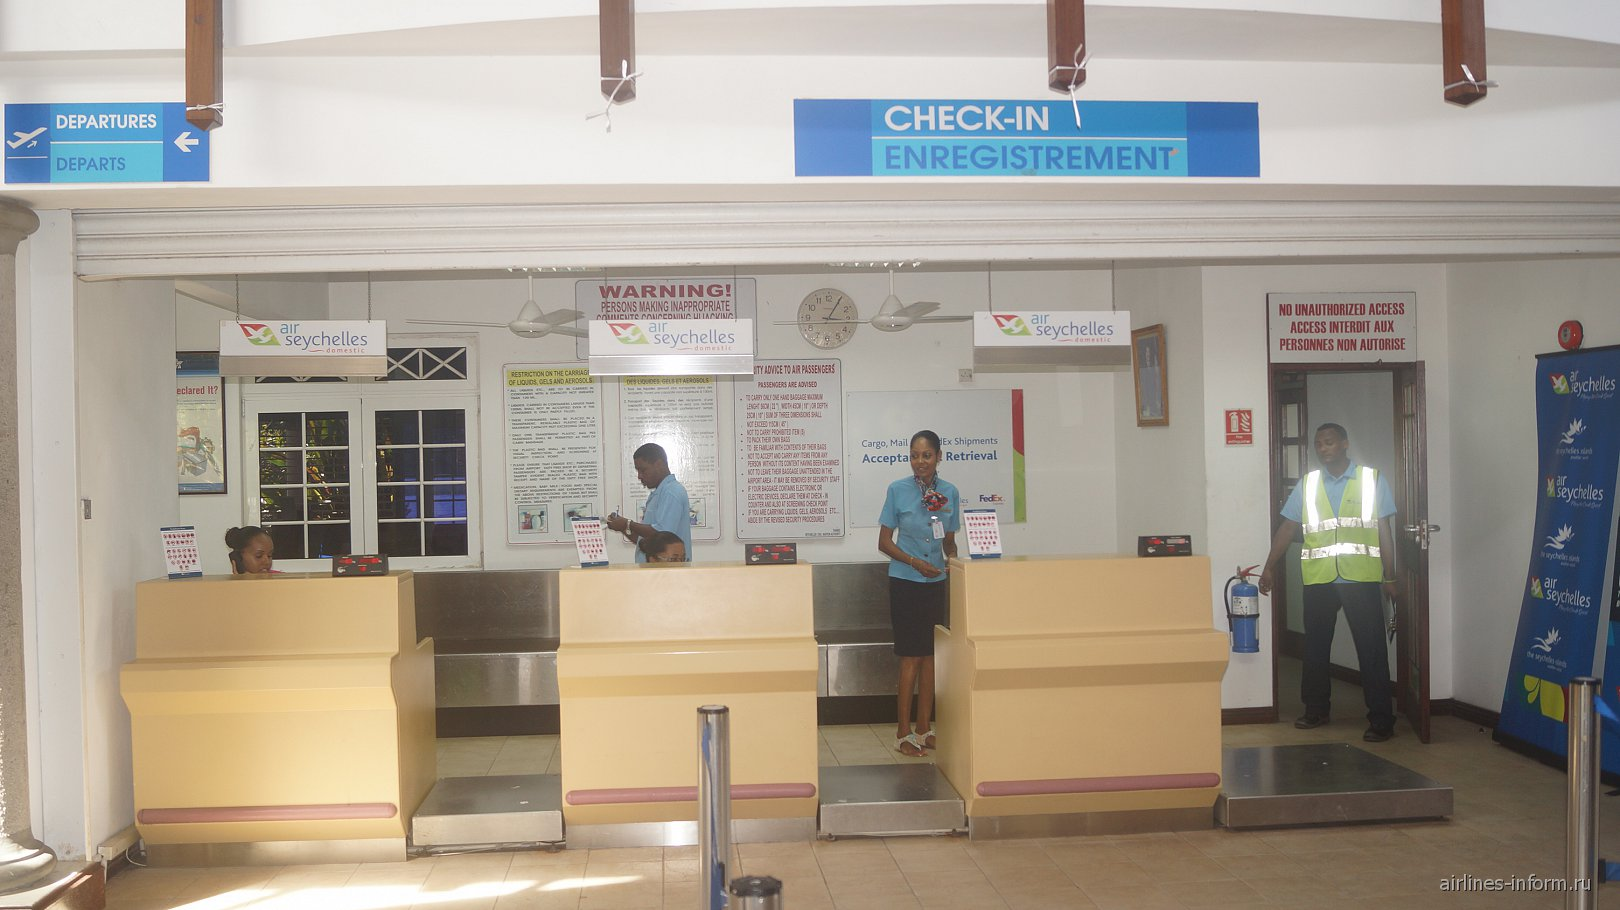 Стойки регистрации в аэропорту Праслен